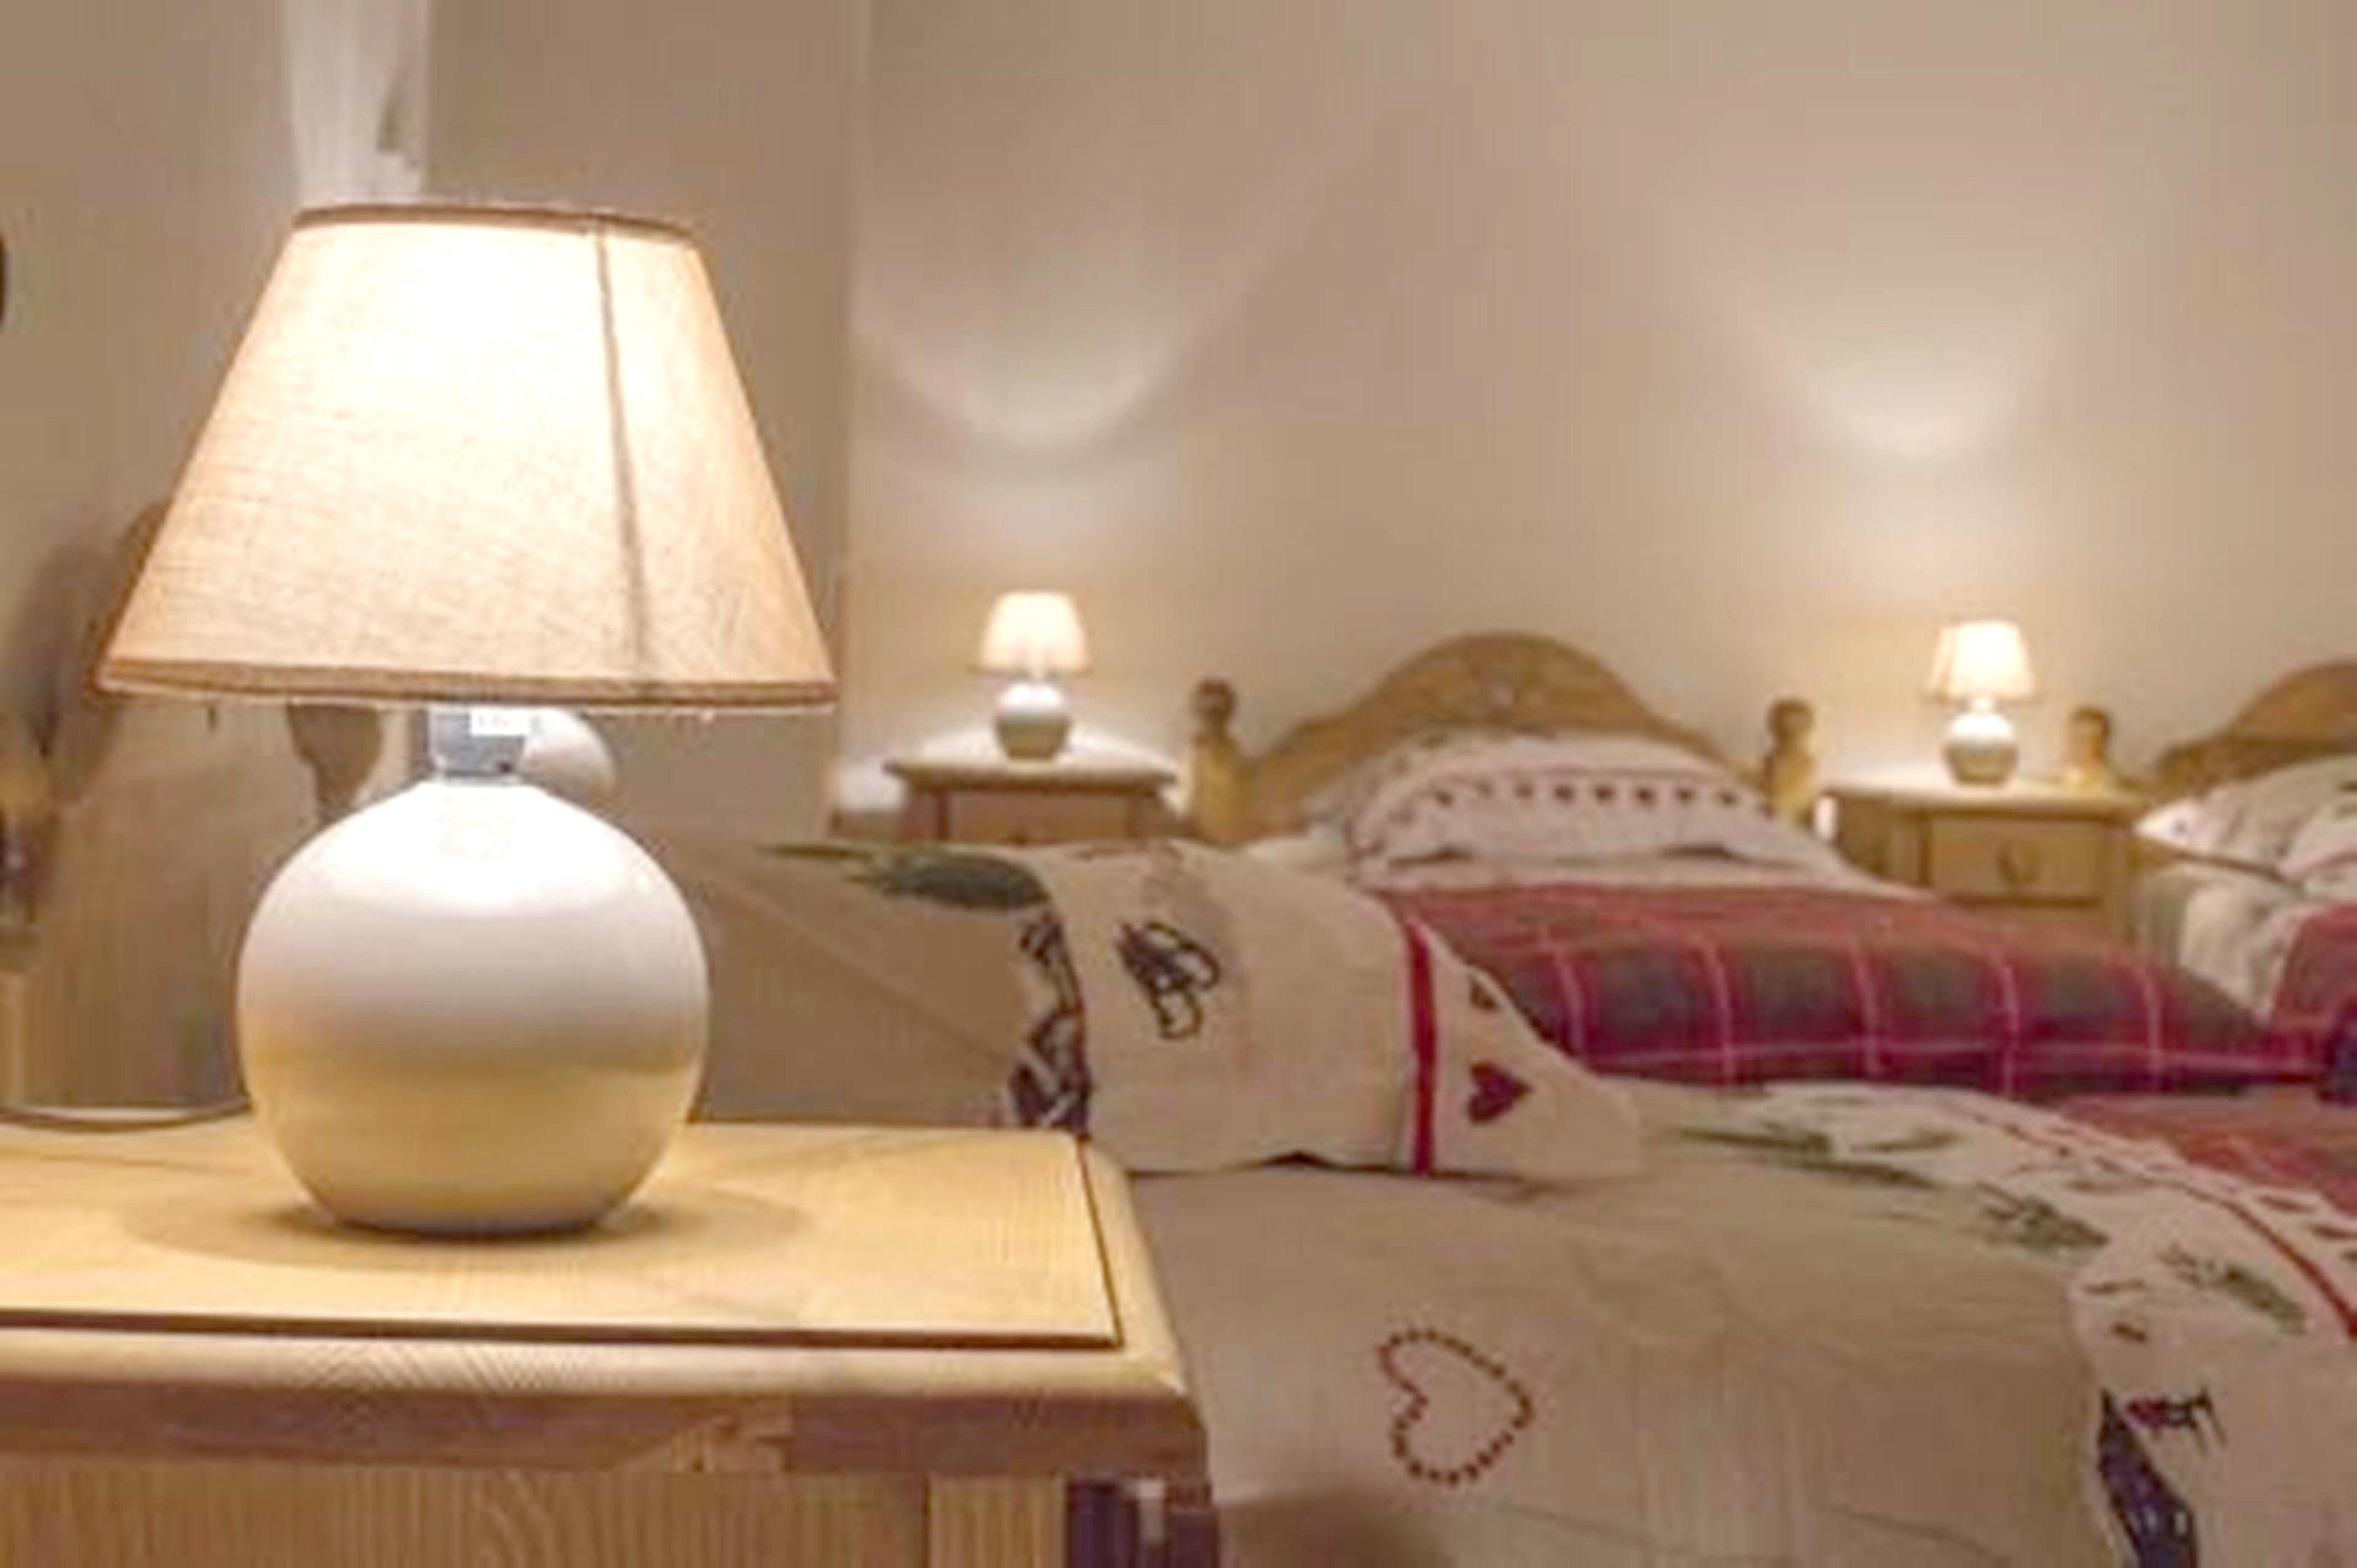 Maison de vacances Hütte mit 7 Schlafzimmern in Les Moussières mit toller Aussicht auf die Berge, möblierter  (2677371), Les Moussières, Jura, Franche-Comté, France, image 23